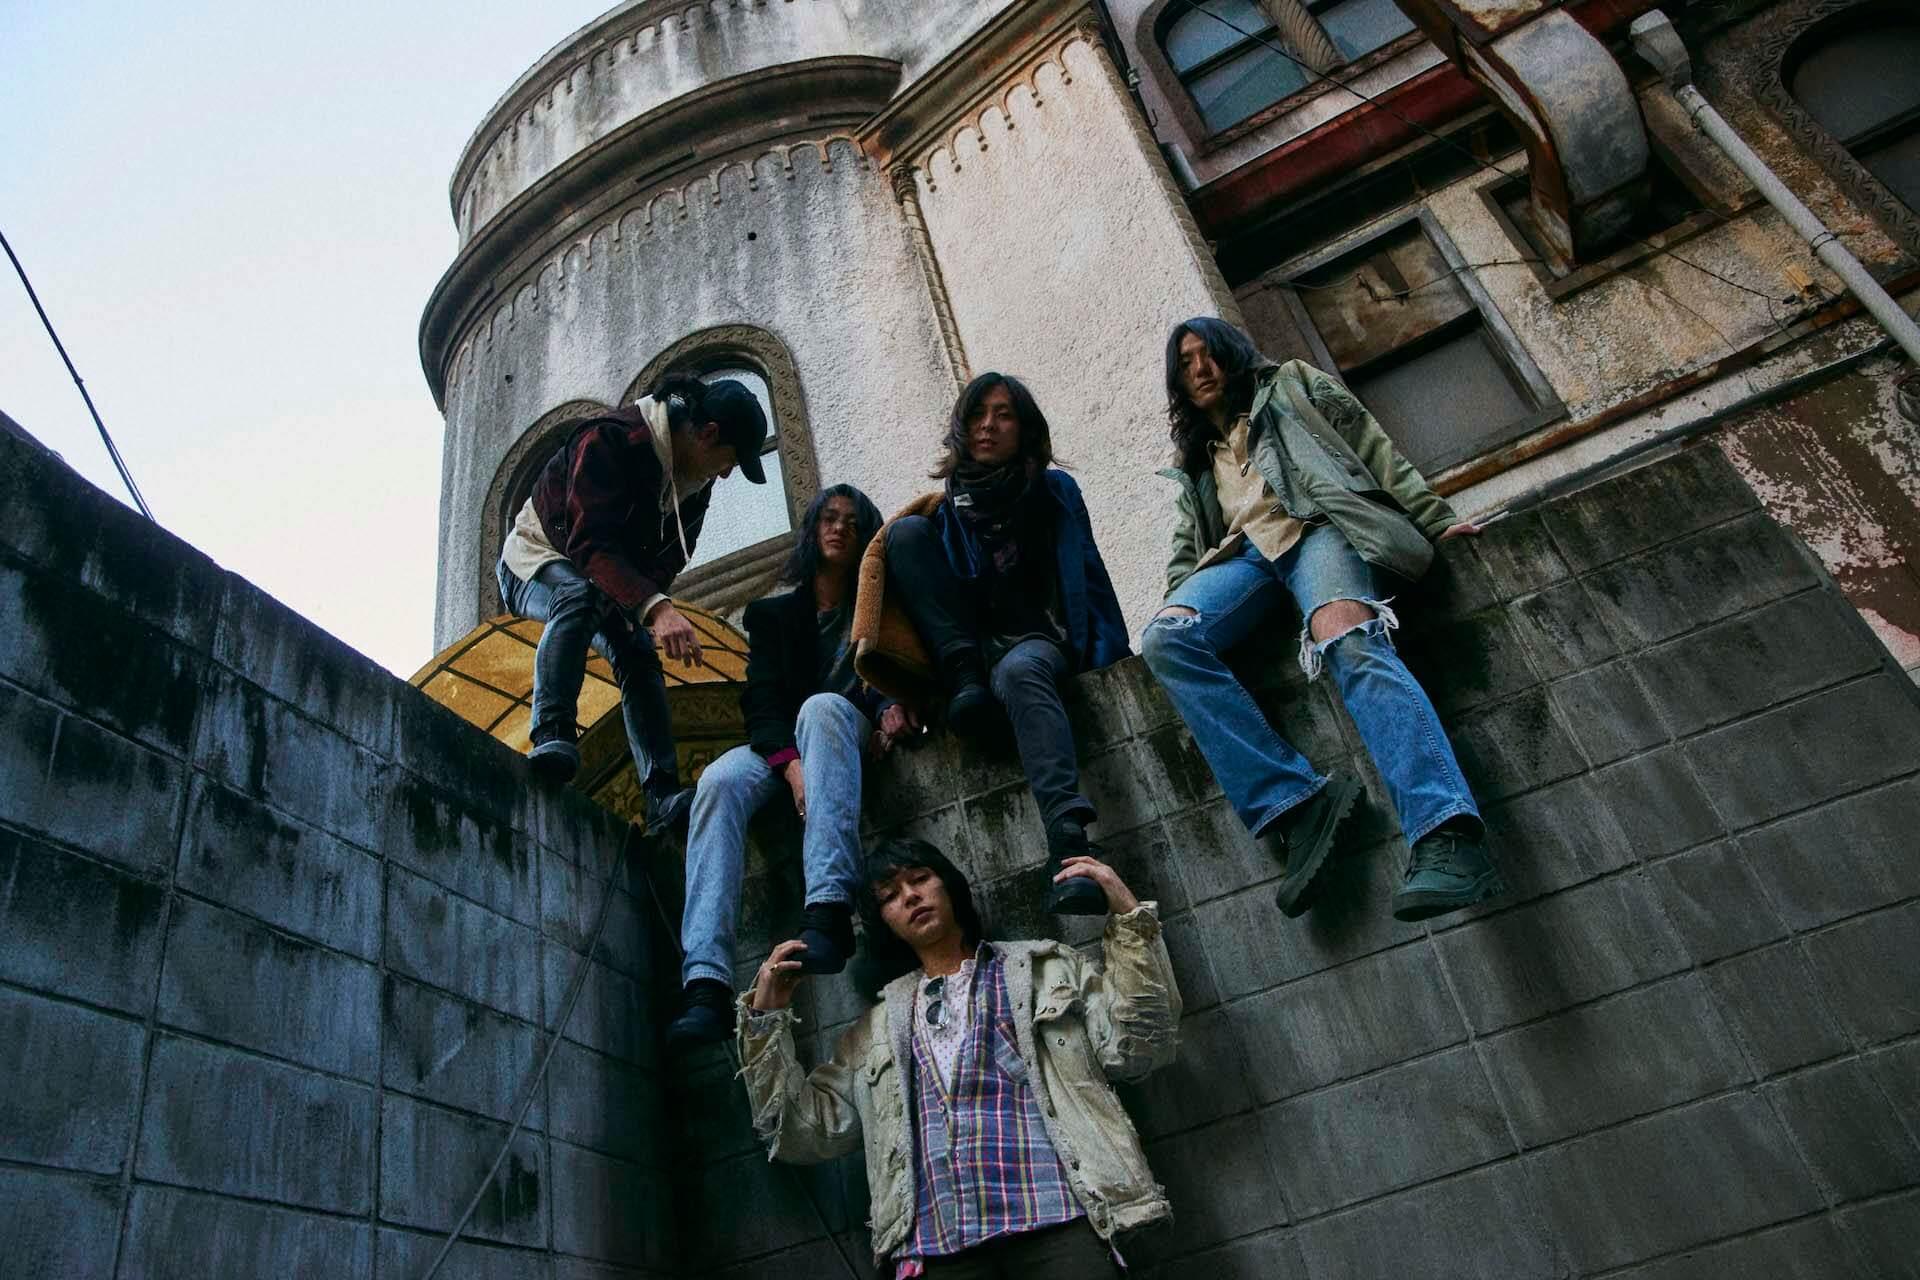 PALLADIUM×HAPPY|ファッションと音楽の関係性を探る都市探索 interview-happy-7